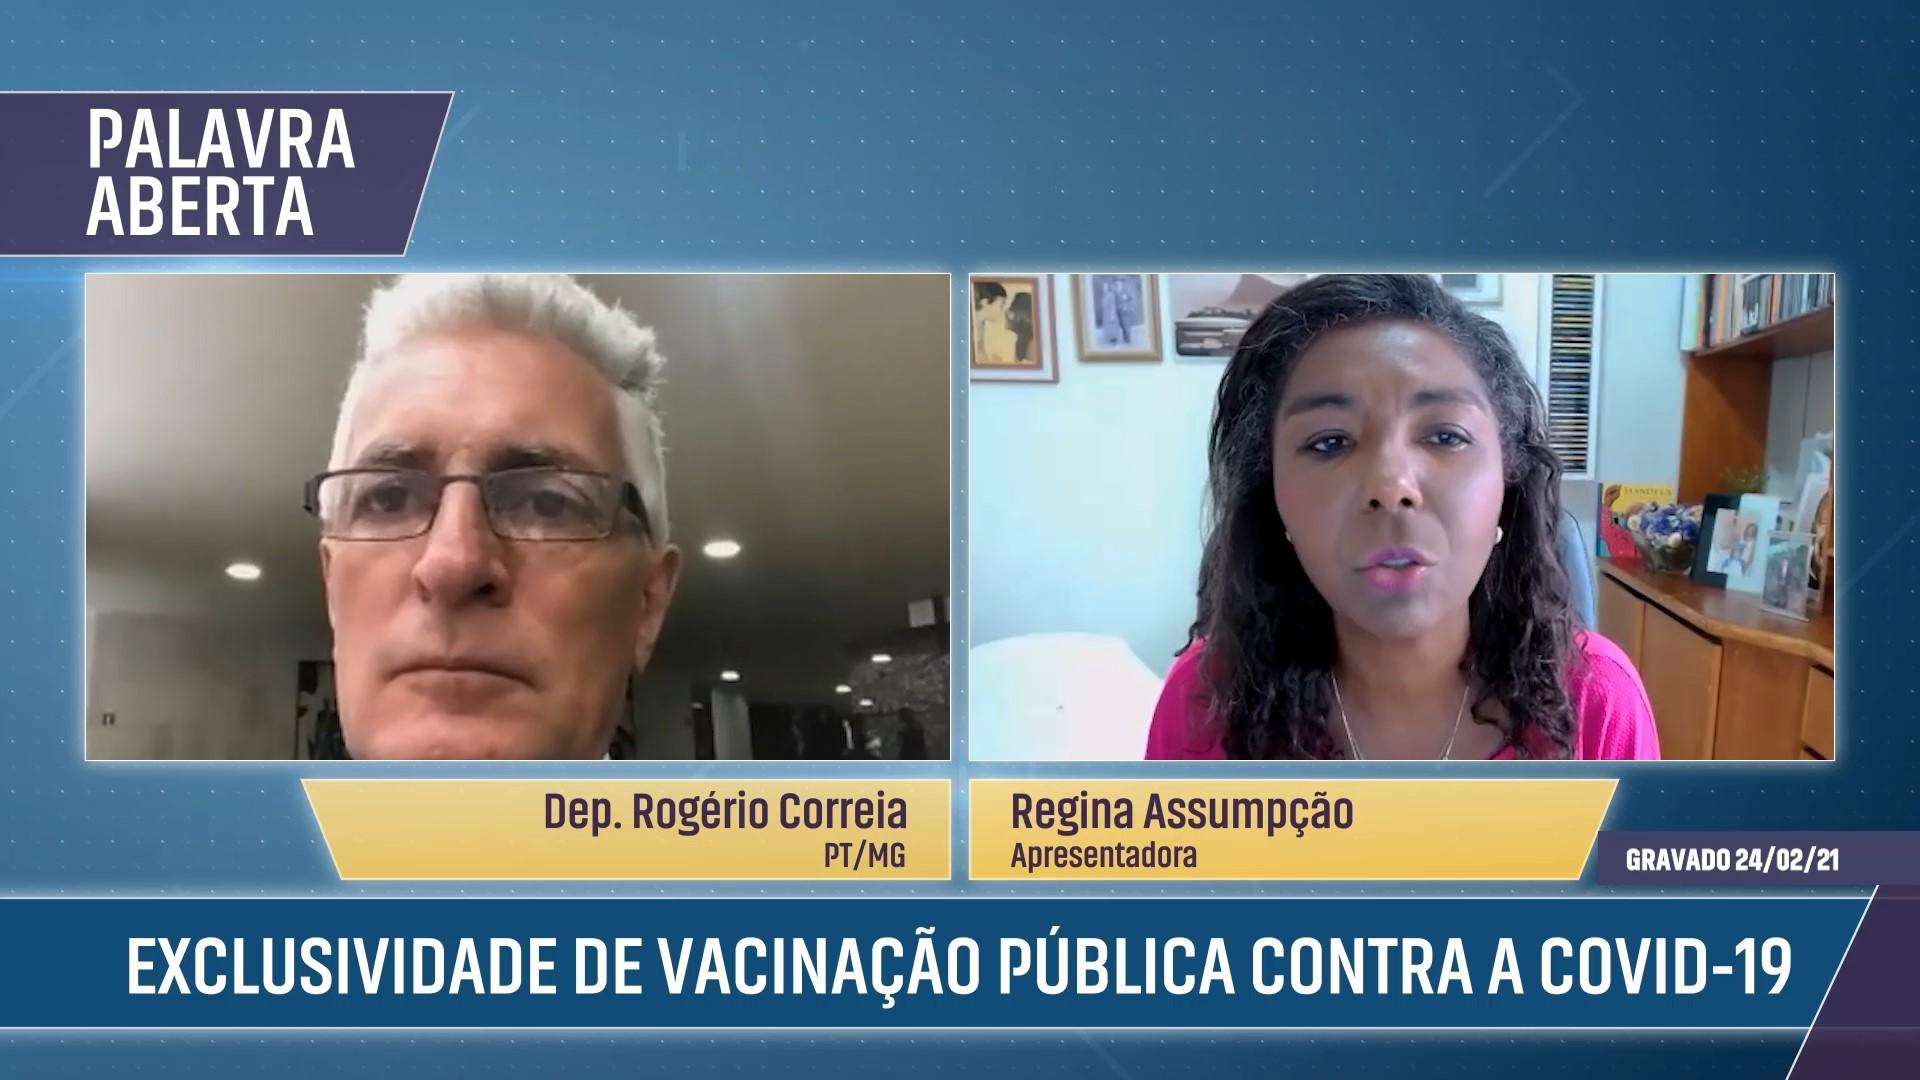 Exclusividade de vacinação pública contra a Covid-19